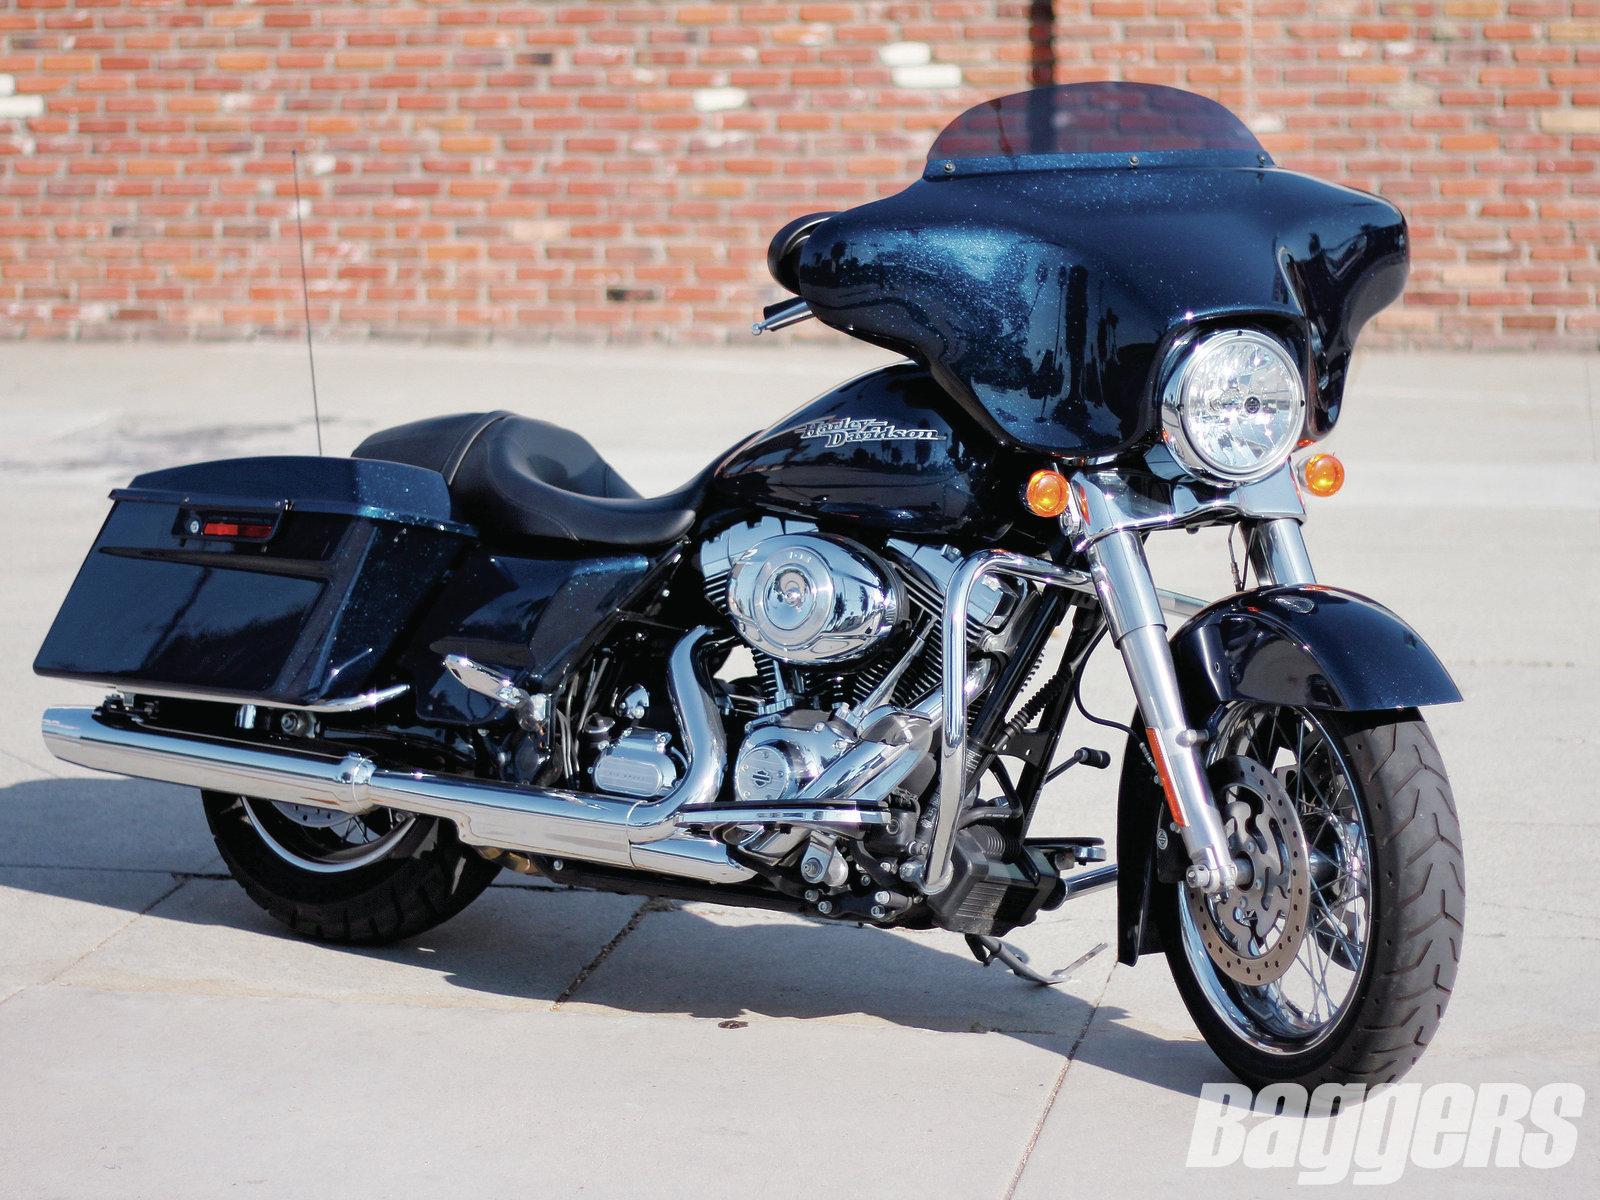 harley davidson bikes 2012 harley davidson flhx street glide. Black Bedroom Furniture Sets. Home Design Ideas